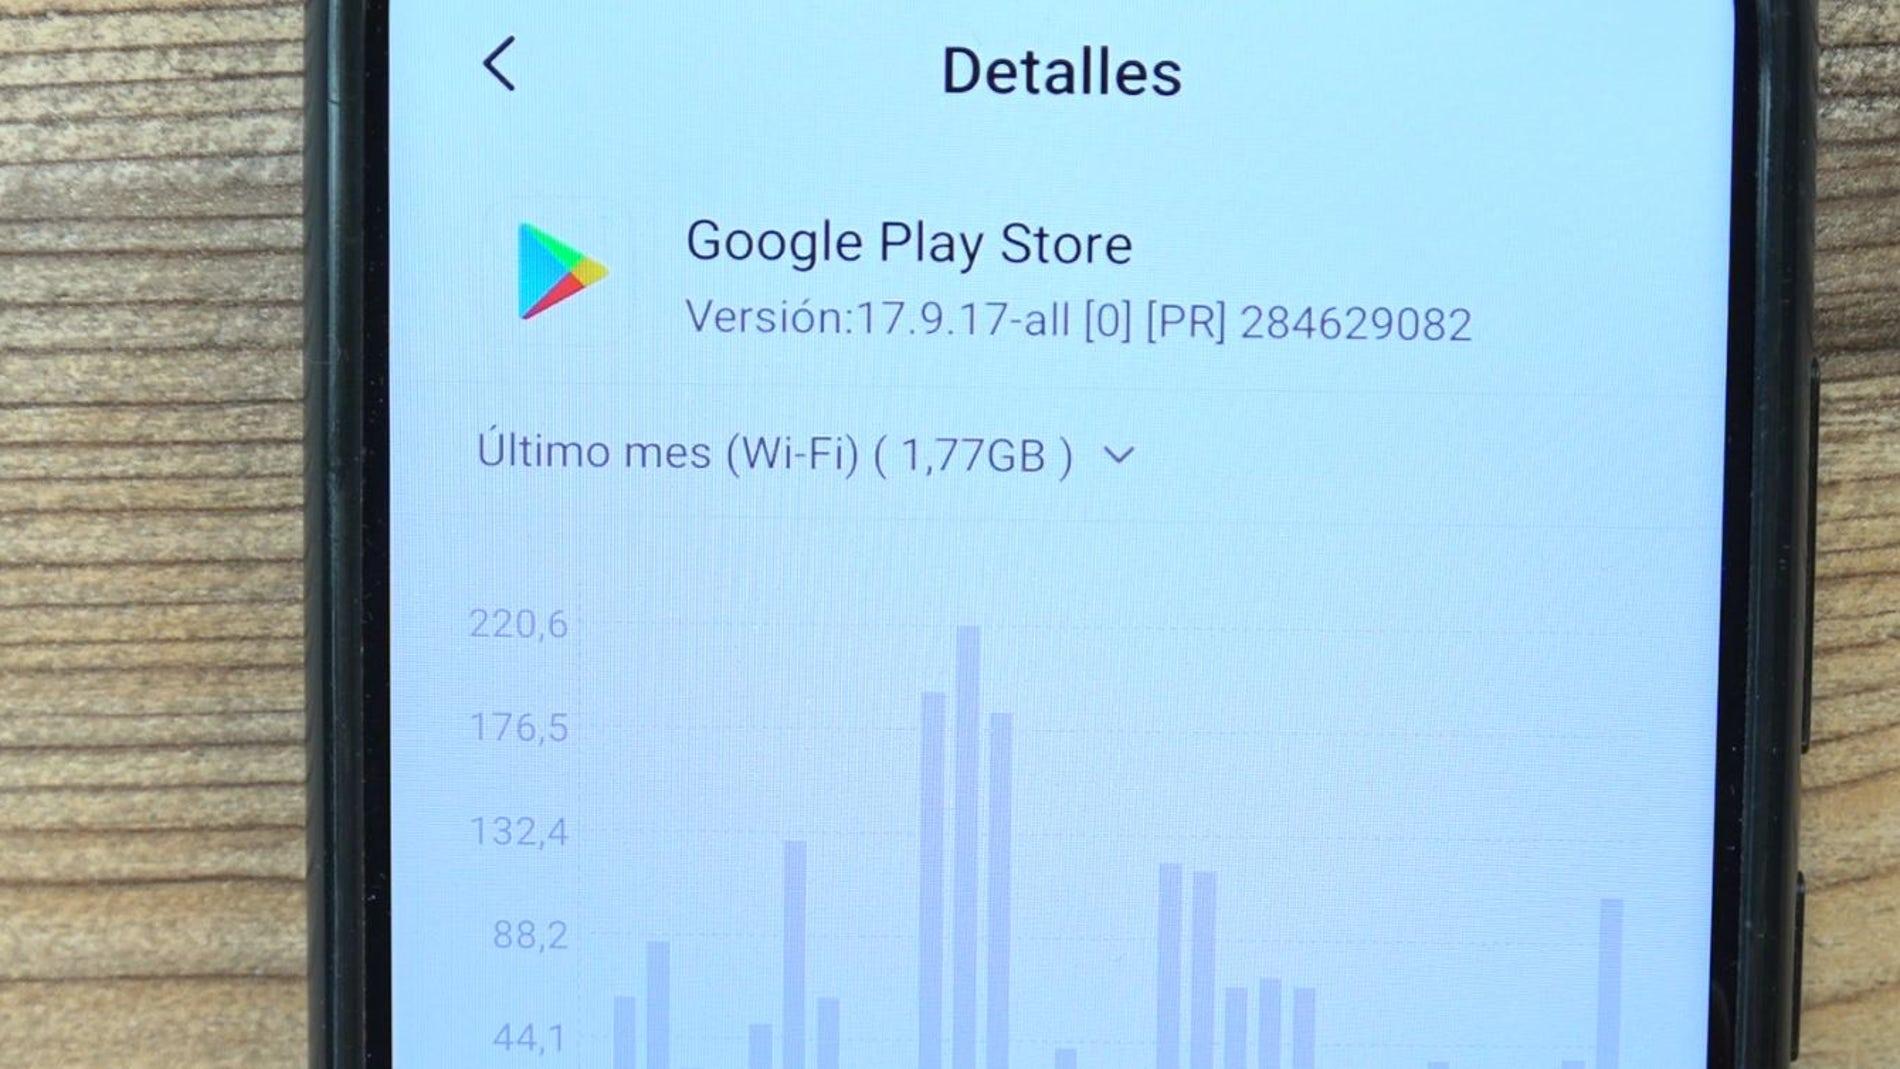 Datos de Google Play